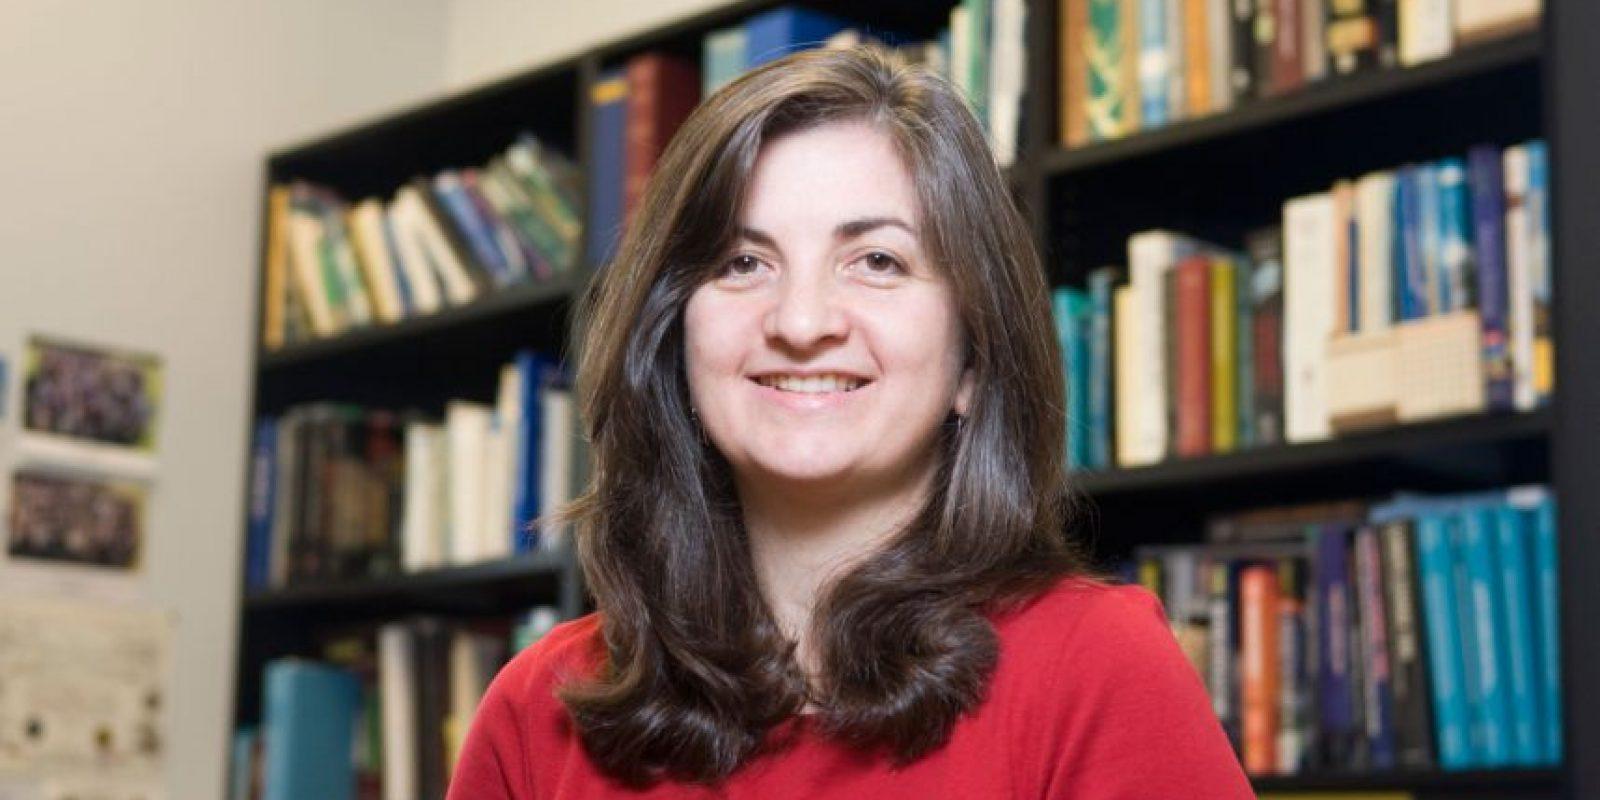 PATRICIA YAGER, Profesora de oceanografía y el cambio climático en la Universidad de Georgia, EEUU